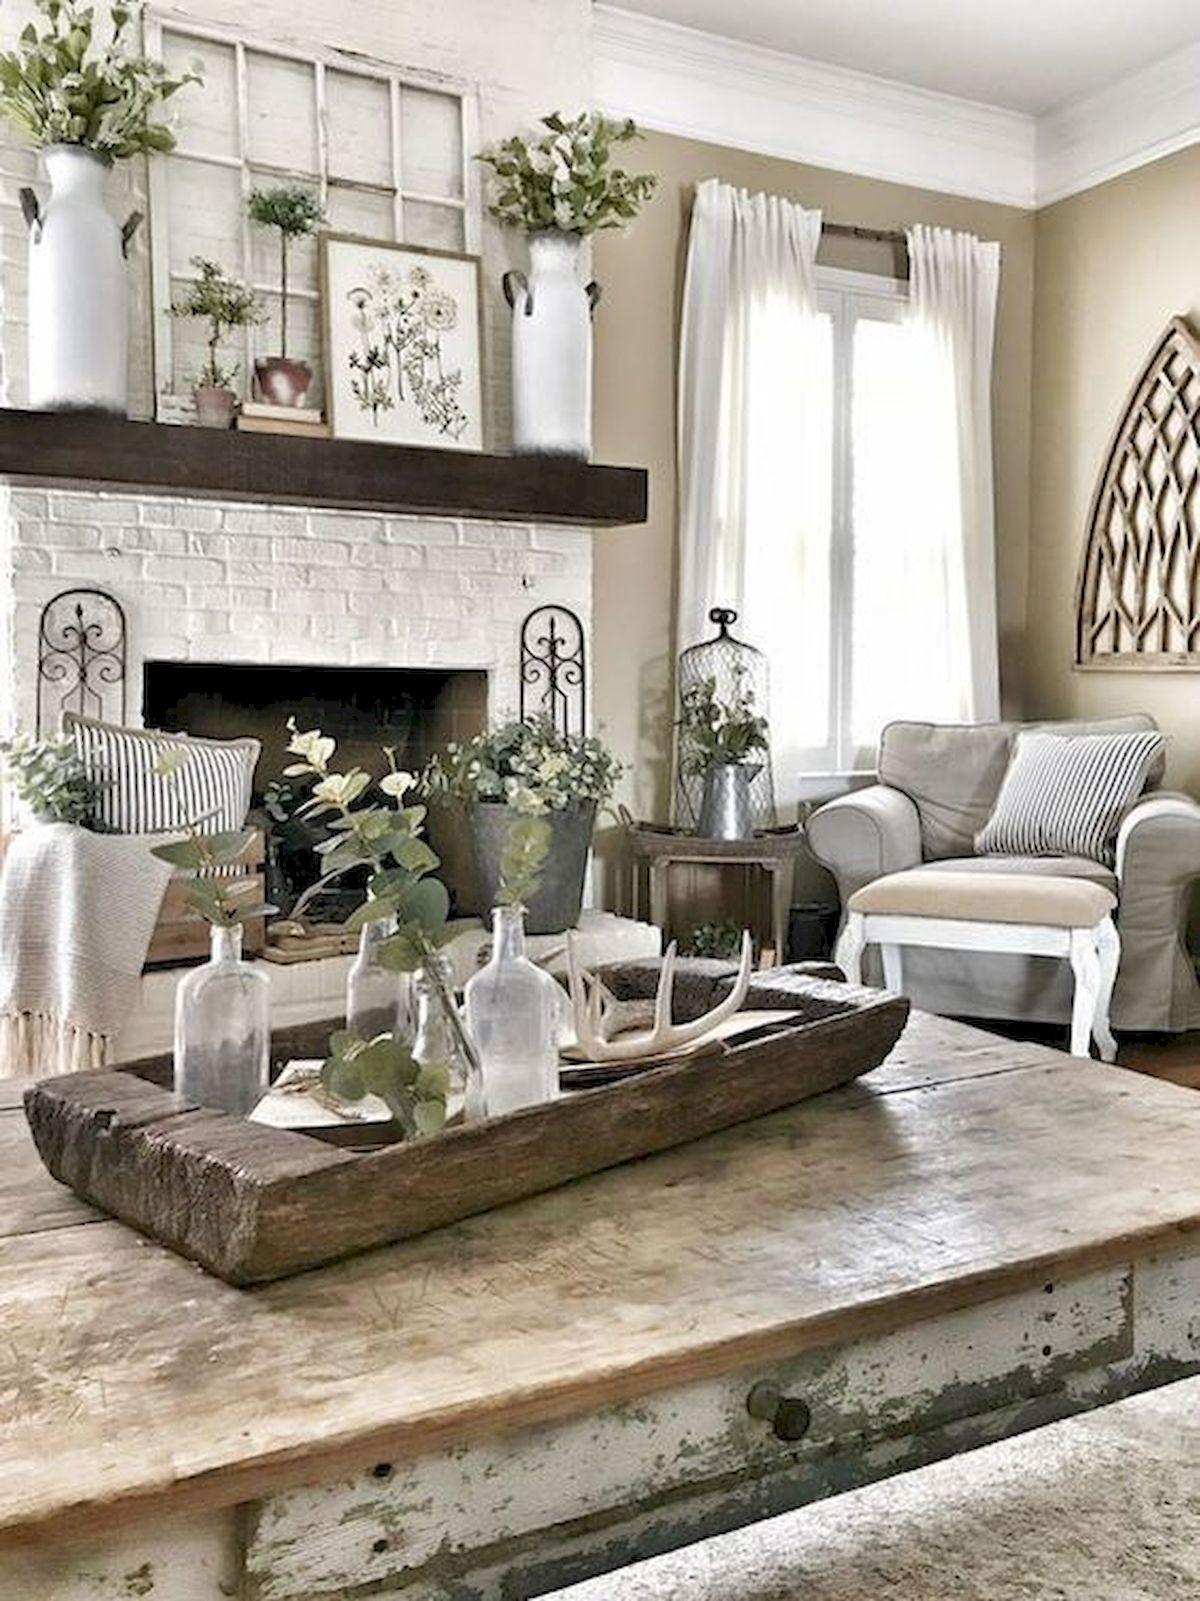 50 Cozy Farmhouse Living Room Design and Decor Ideas (23)